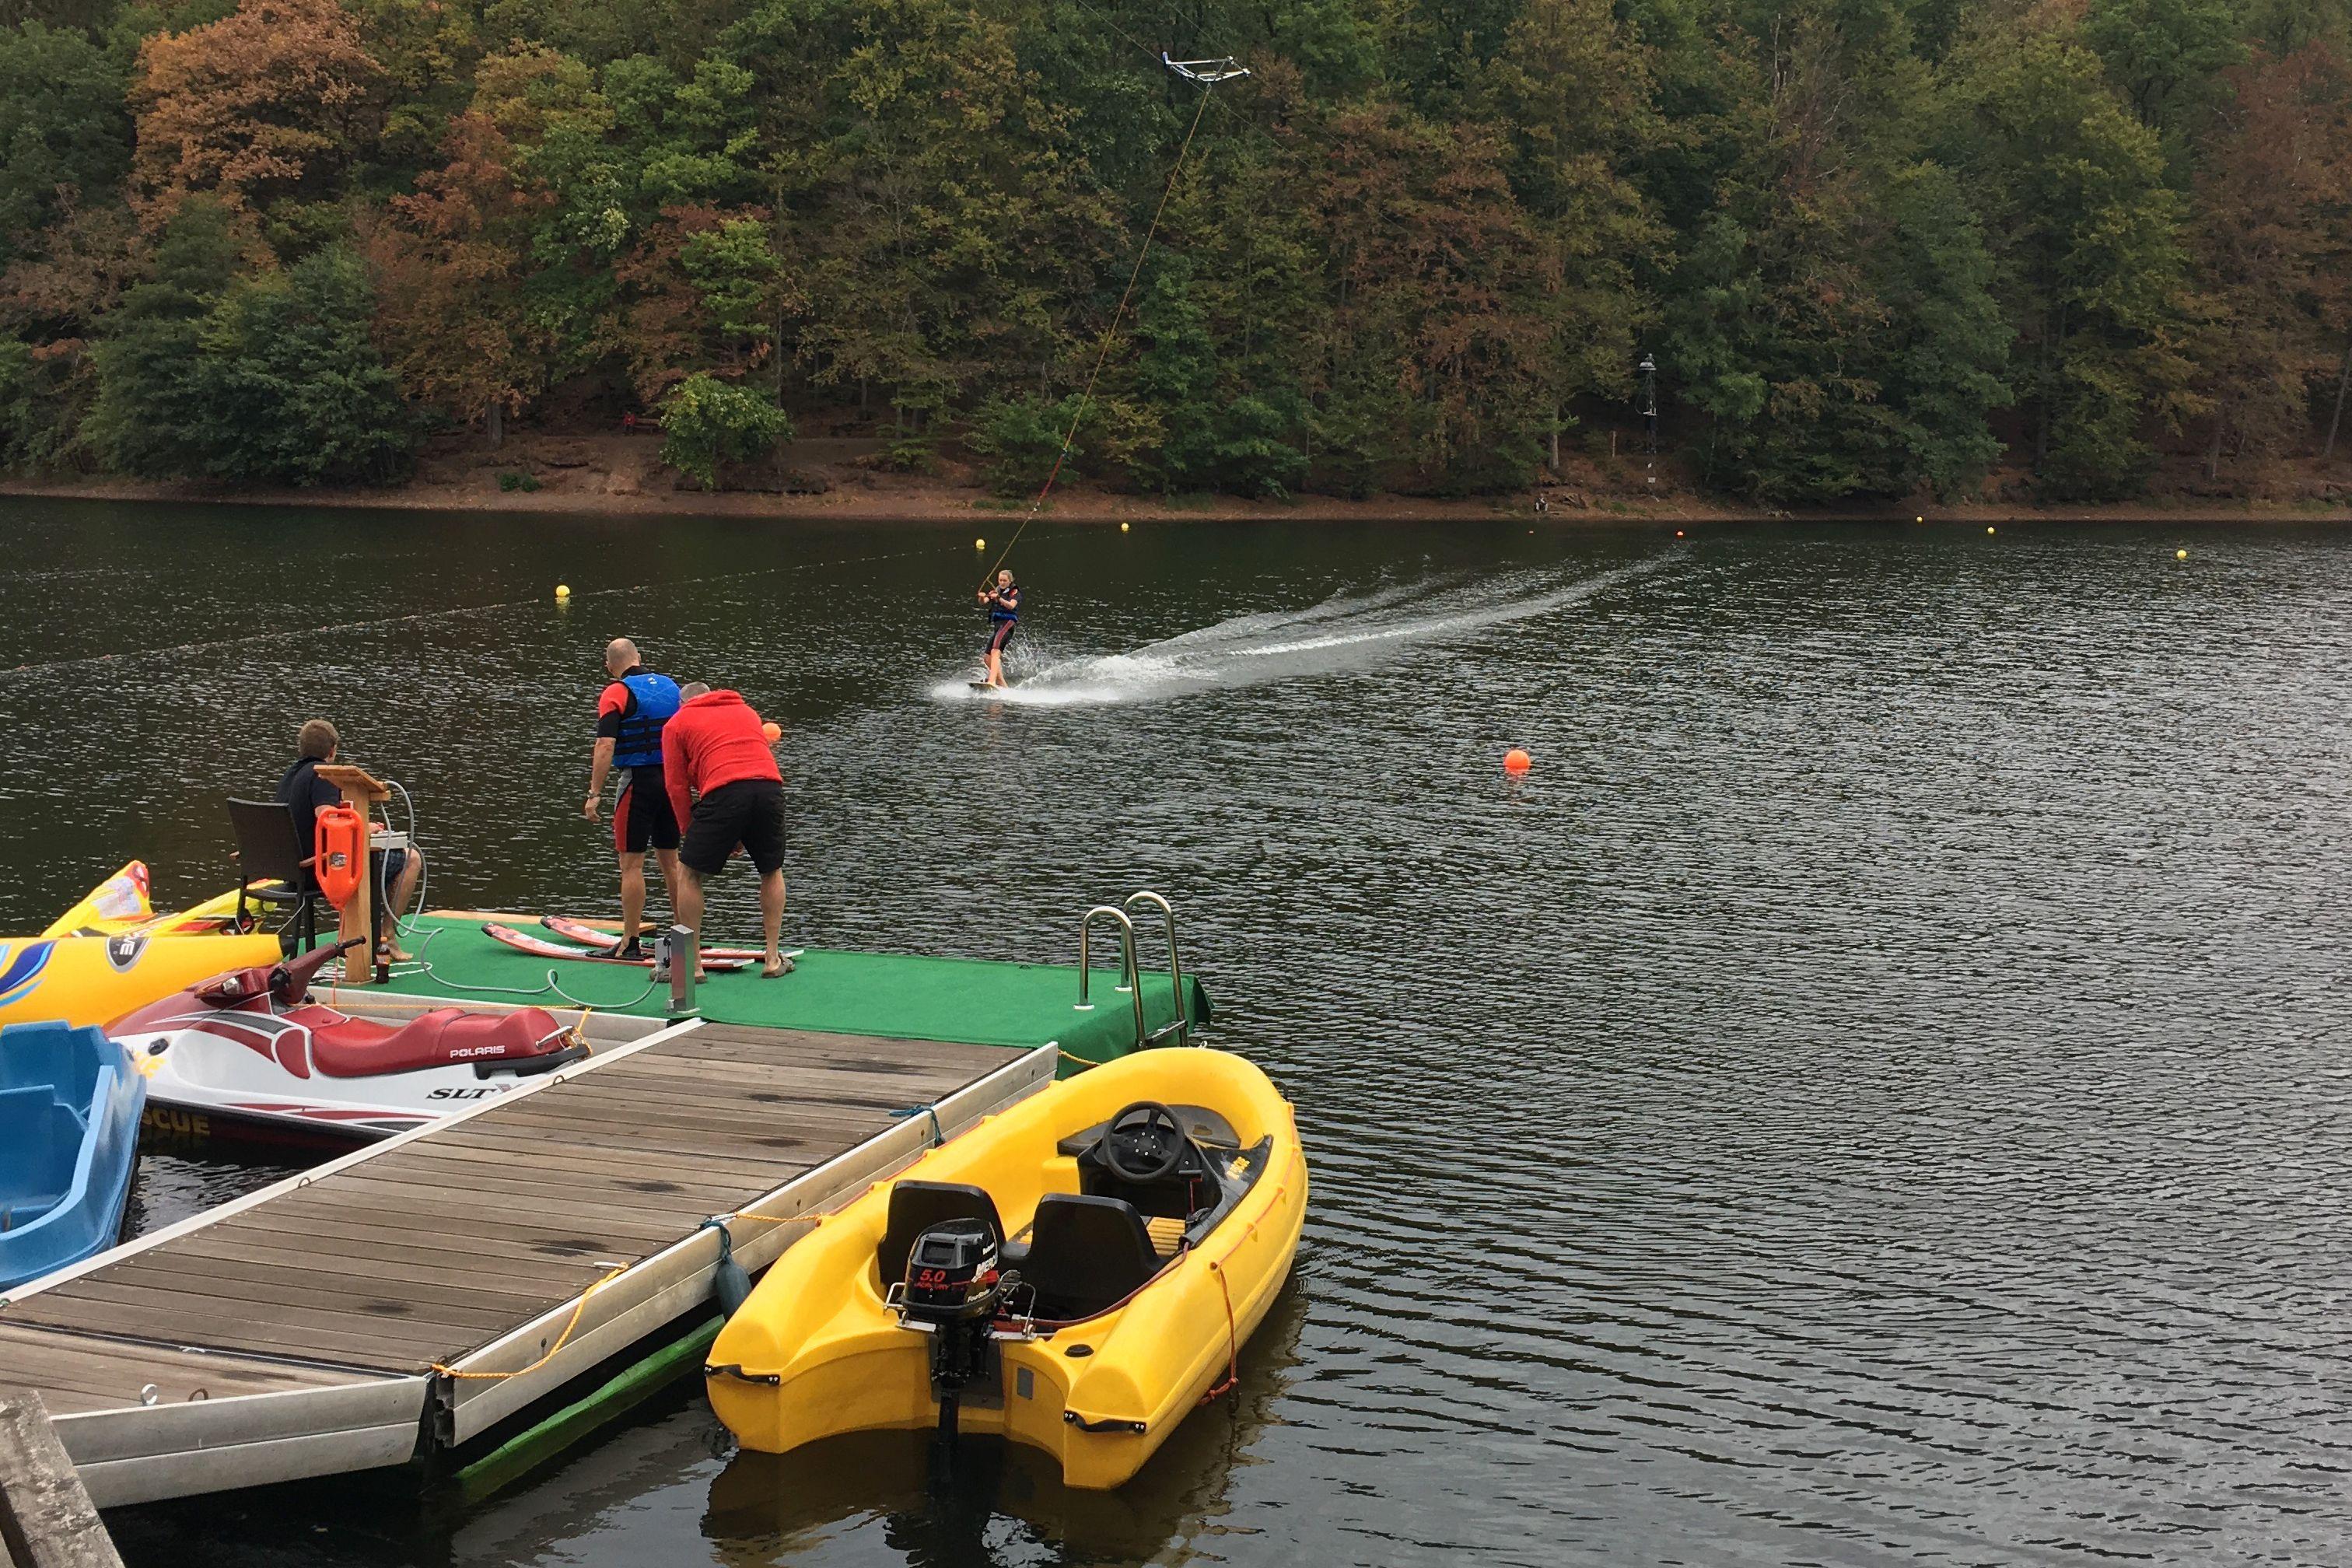 Campingpark Wiesenbeker Teich - Wasserski